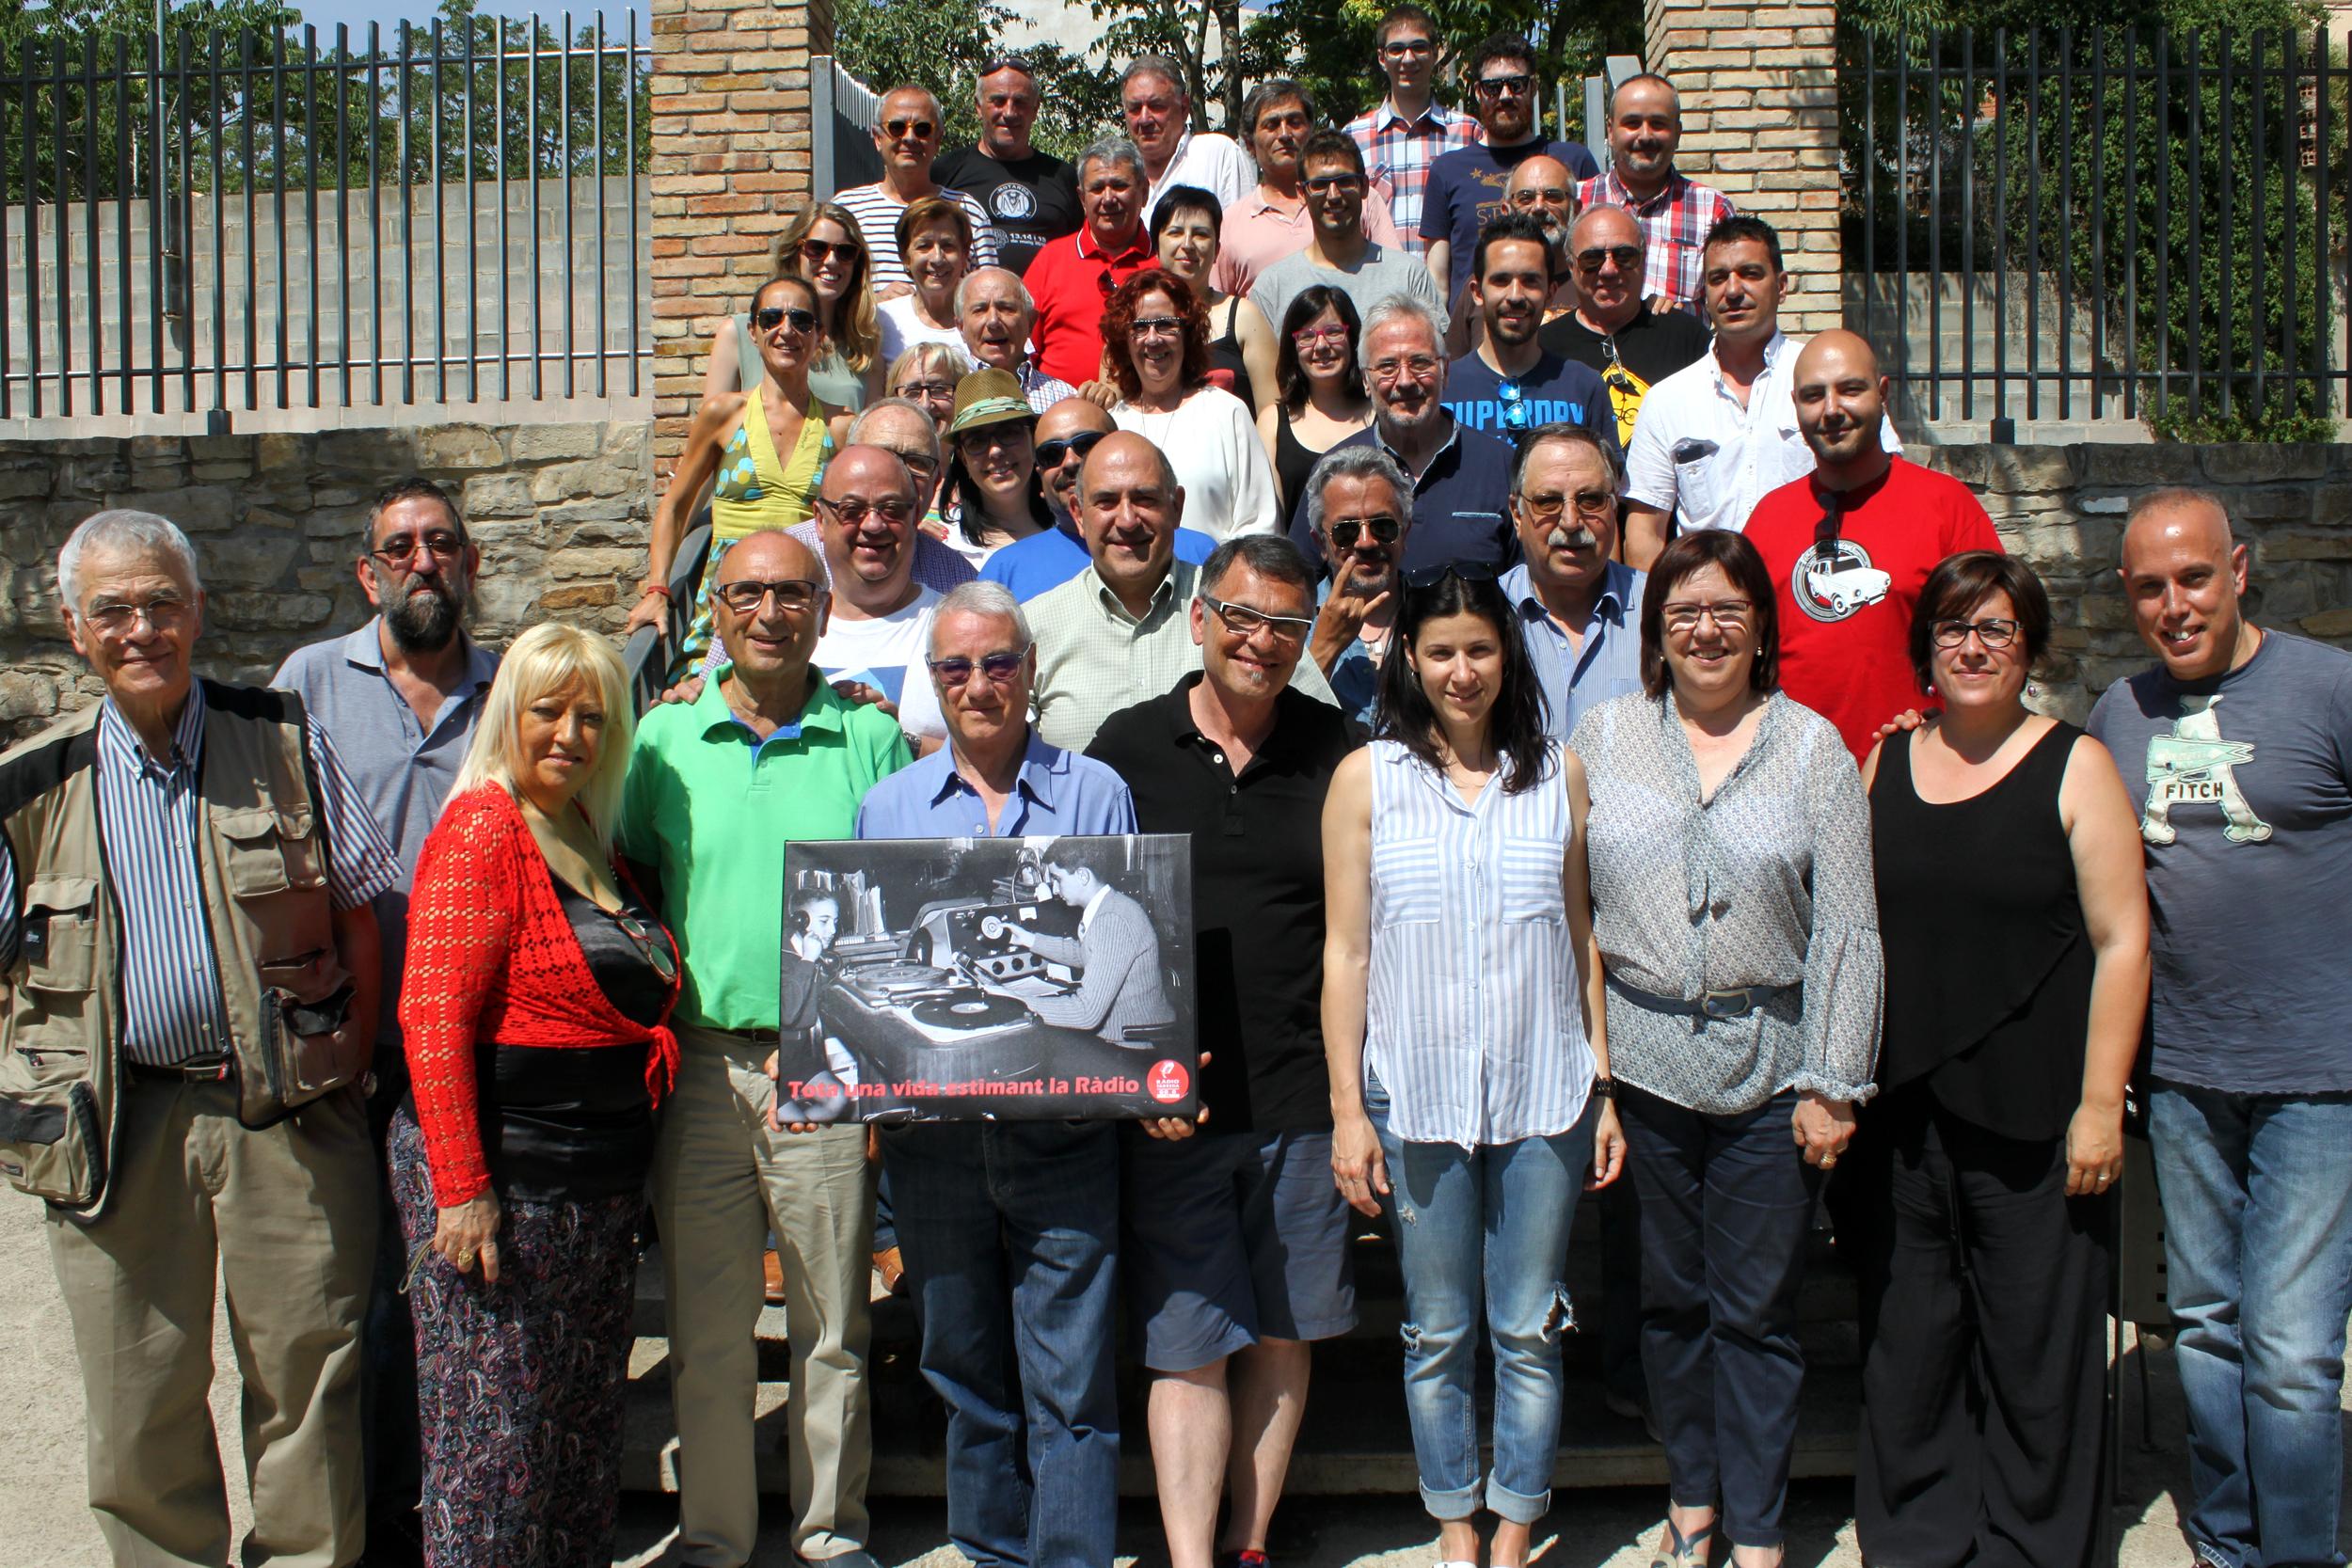 L'emissora municipal Ràdio Tàrrega homenatja Josep Maria Gràcia, una de les seves veus històriques